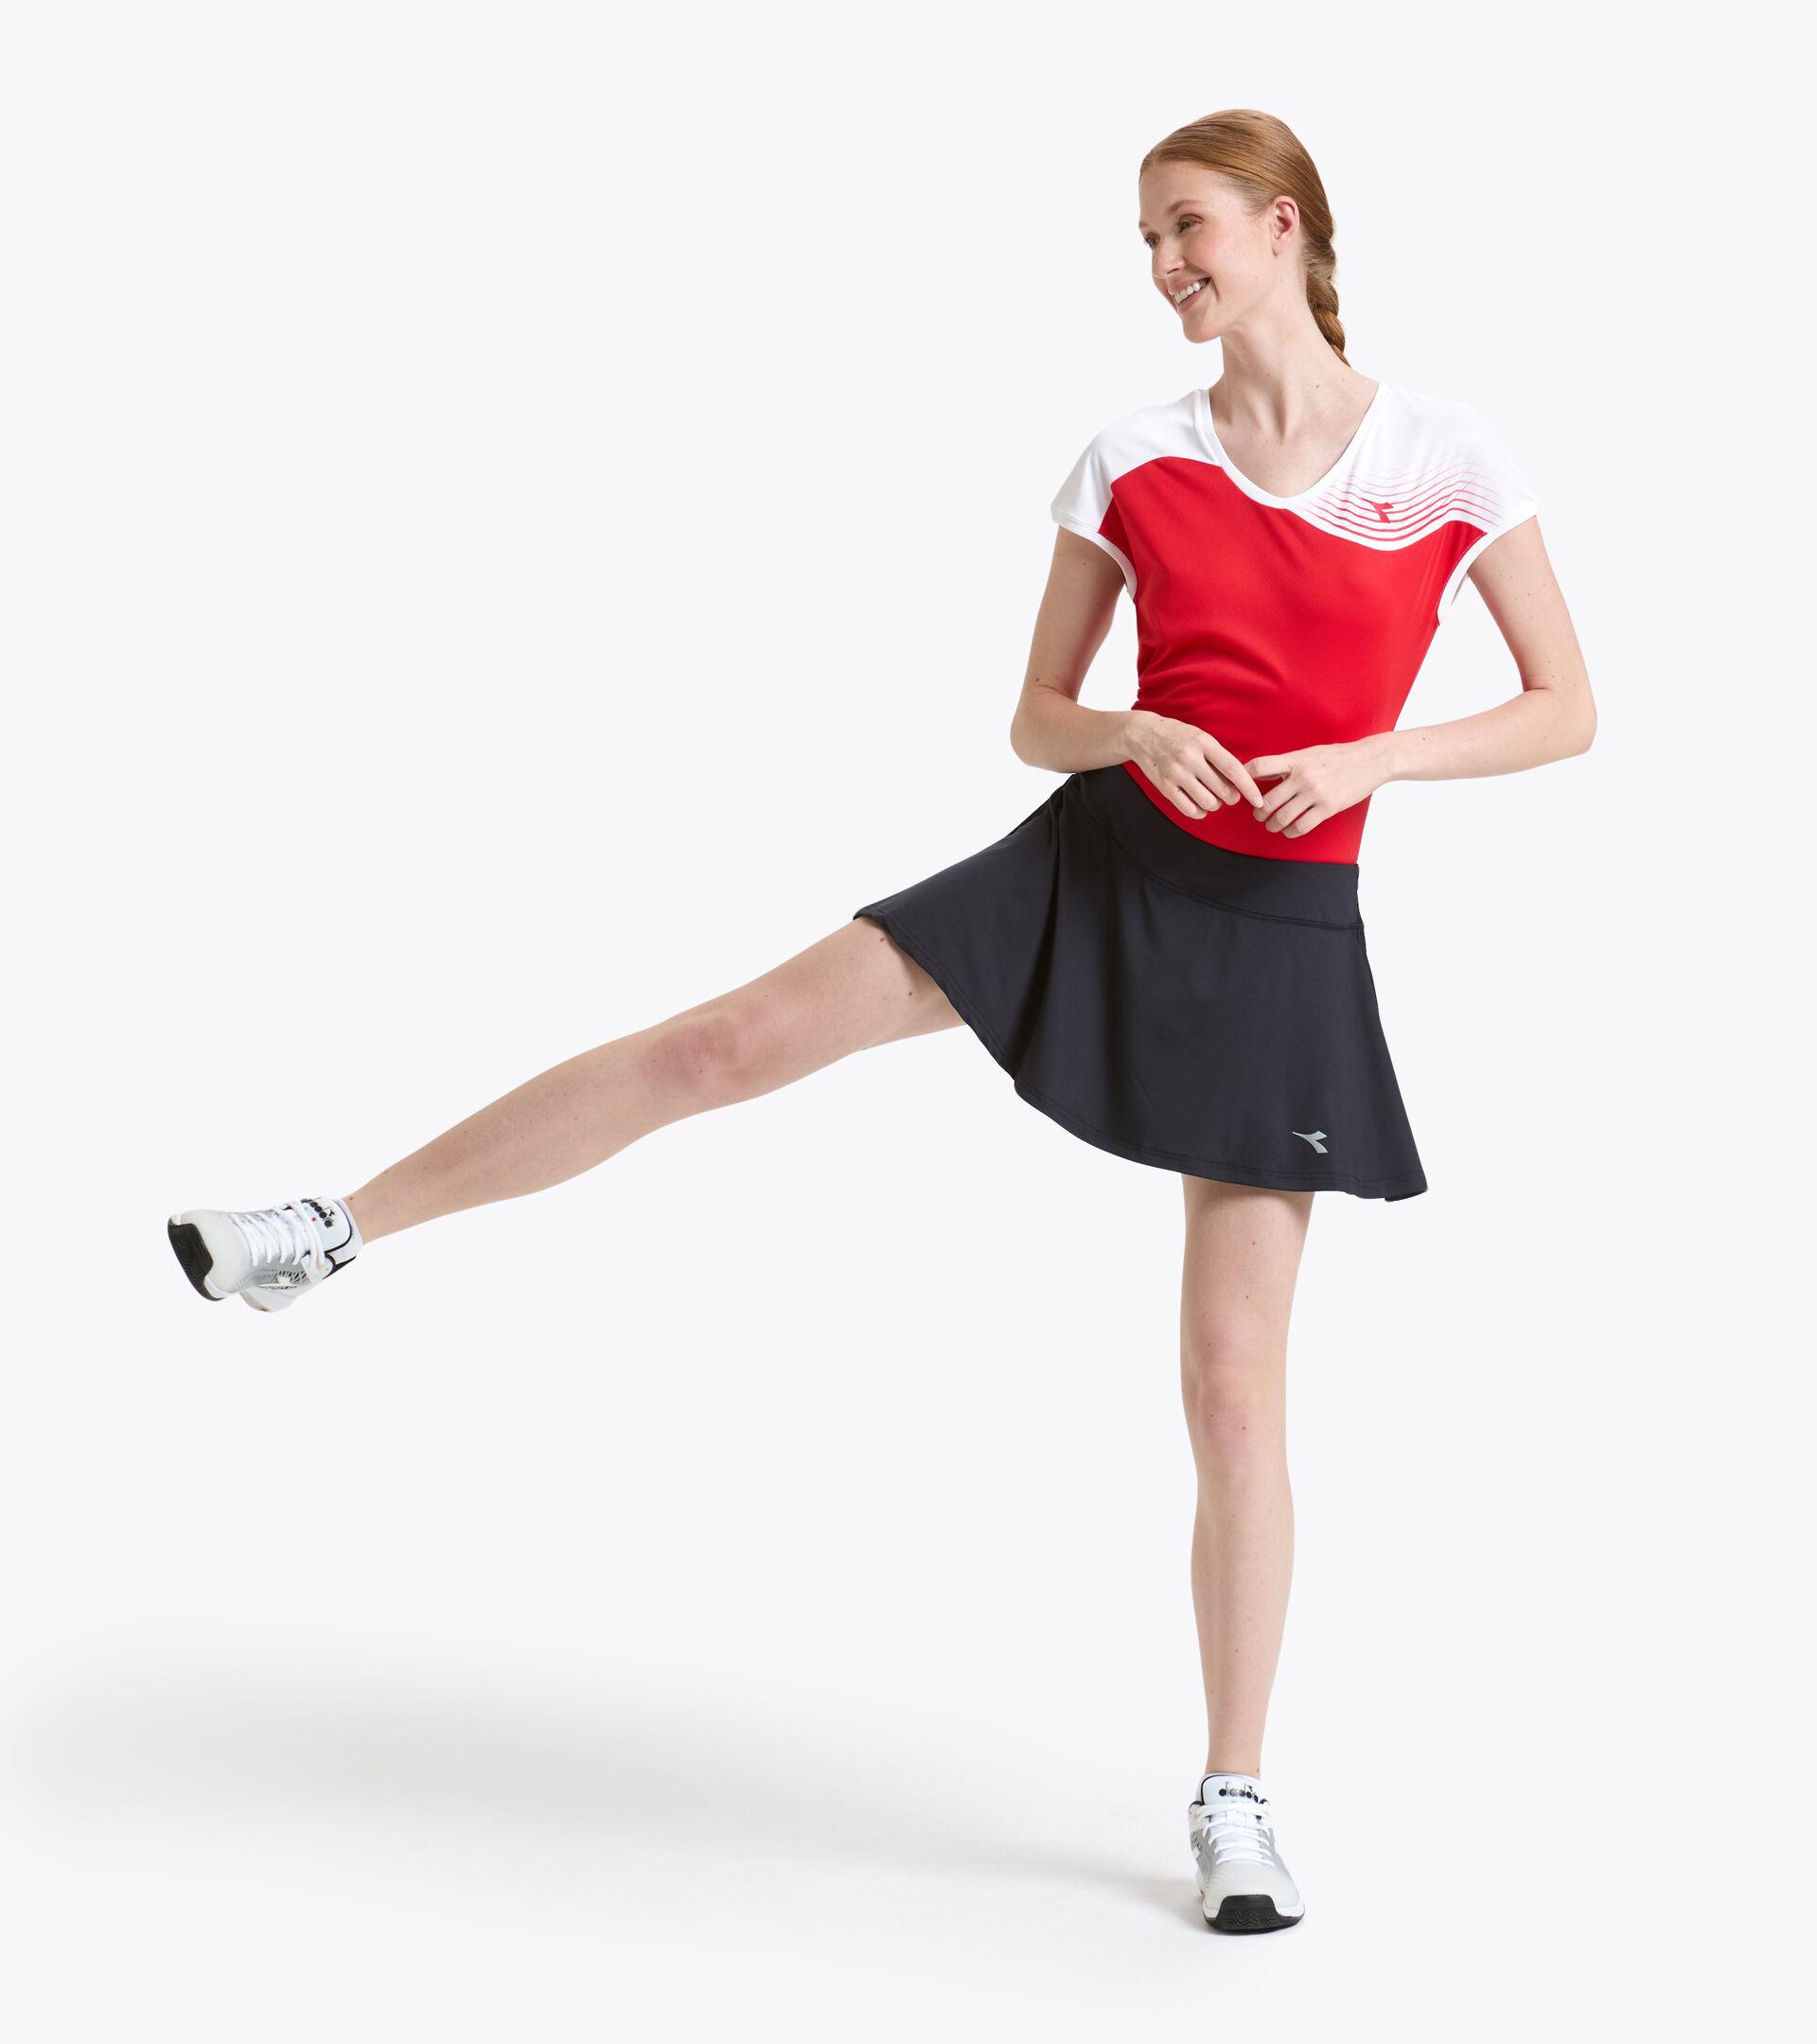 Tennis skirt - Women L. SKIRT COURT DK SMOKE - Diadora